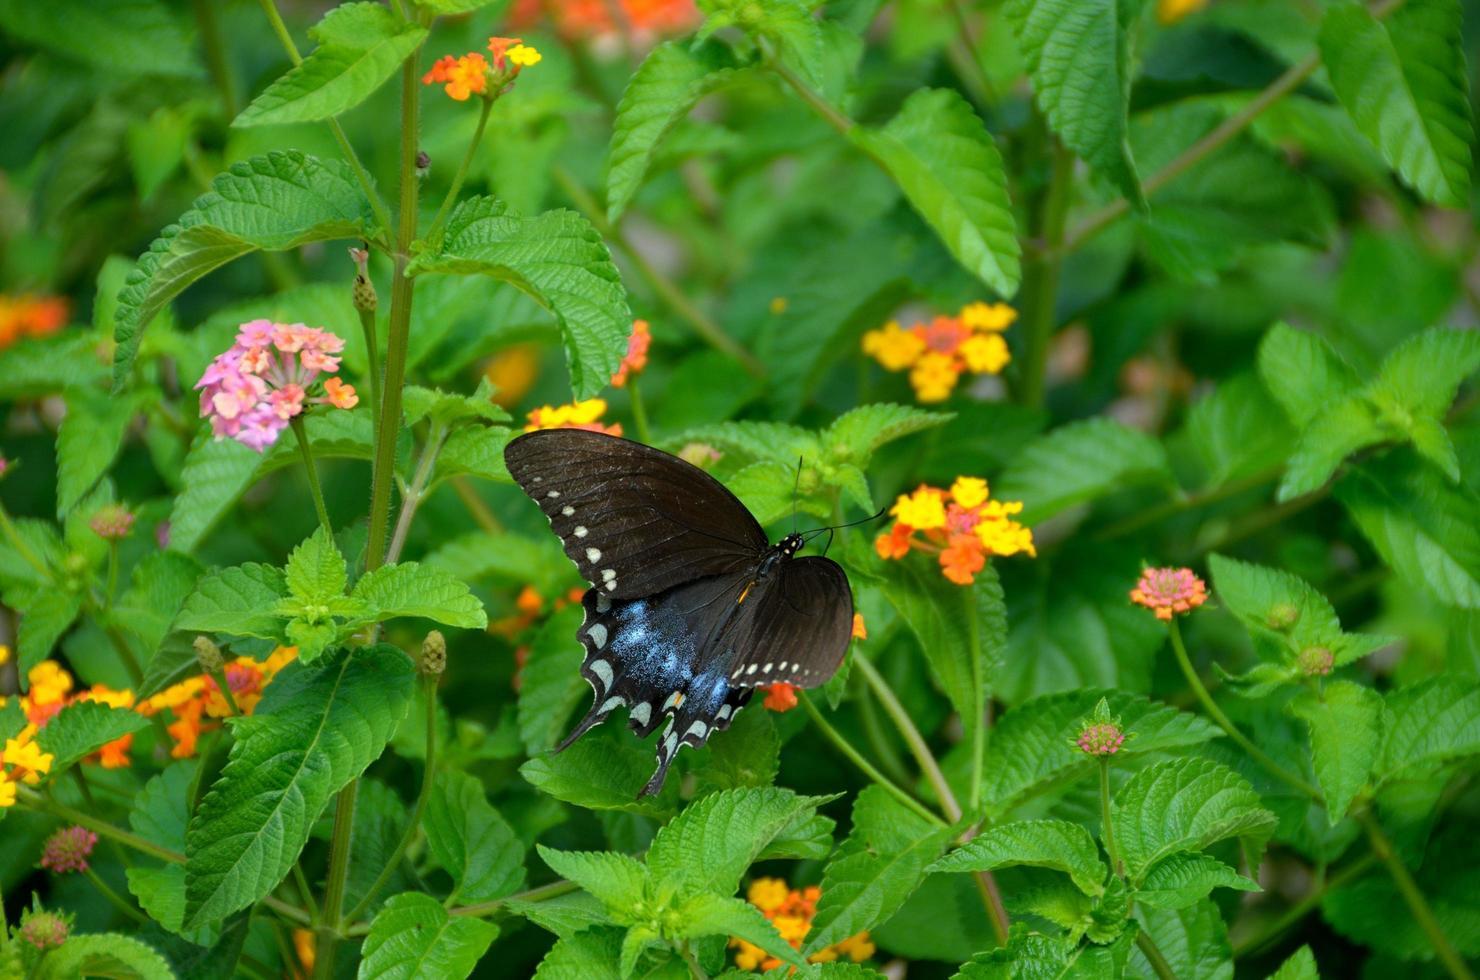 Mariposa cola de golondrina en el jardín foto